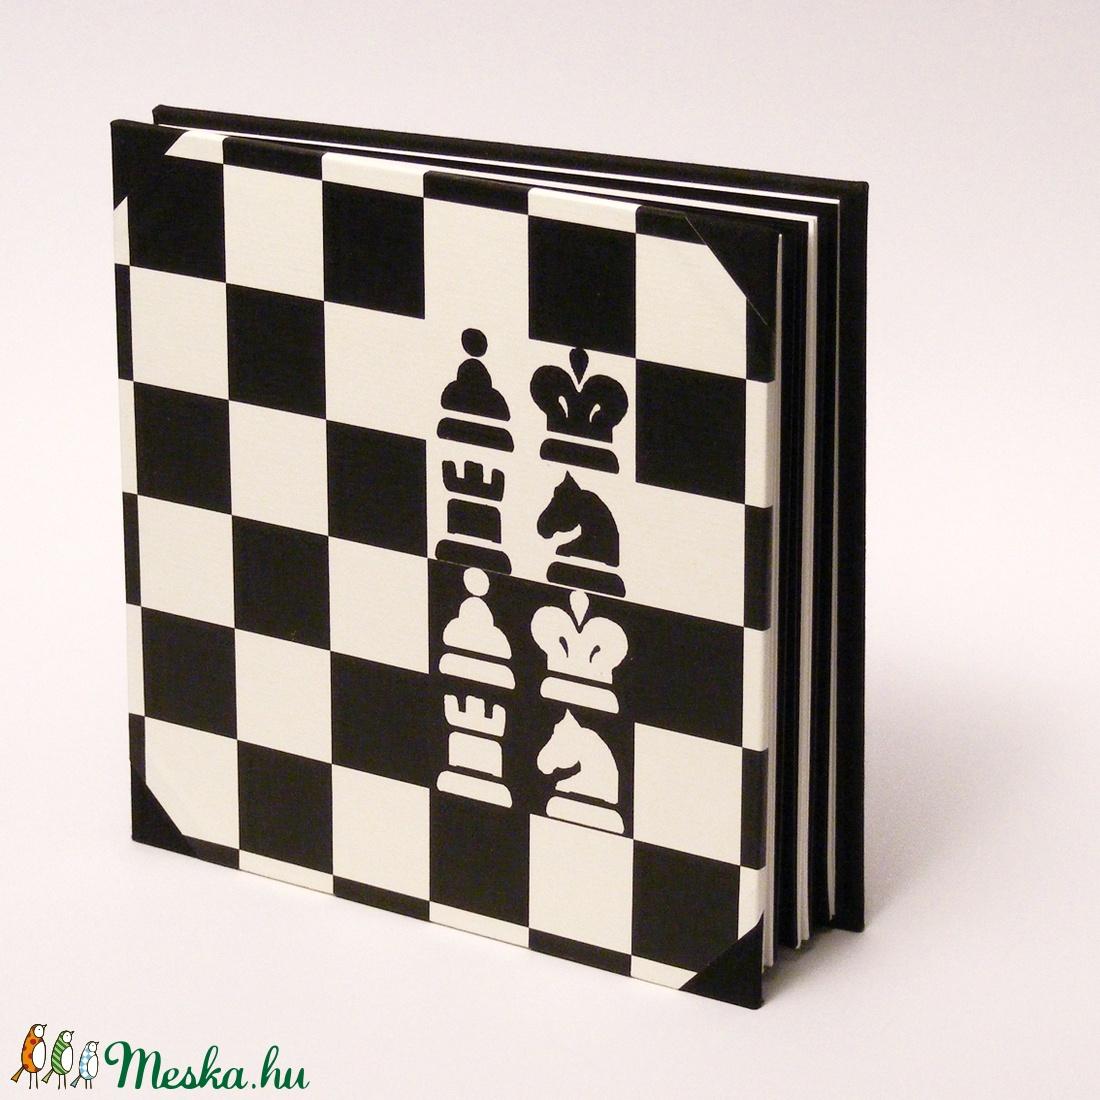 Fotóalbum sakkozóknak, sakkos scrapbook, fekete és fehér fényképalbum - otthon & lakás - papír írószer - album & fotóalbum - Meska.hu